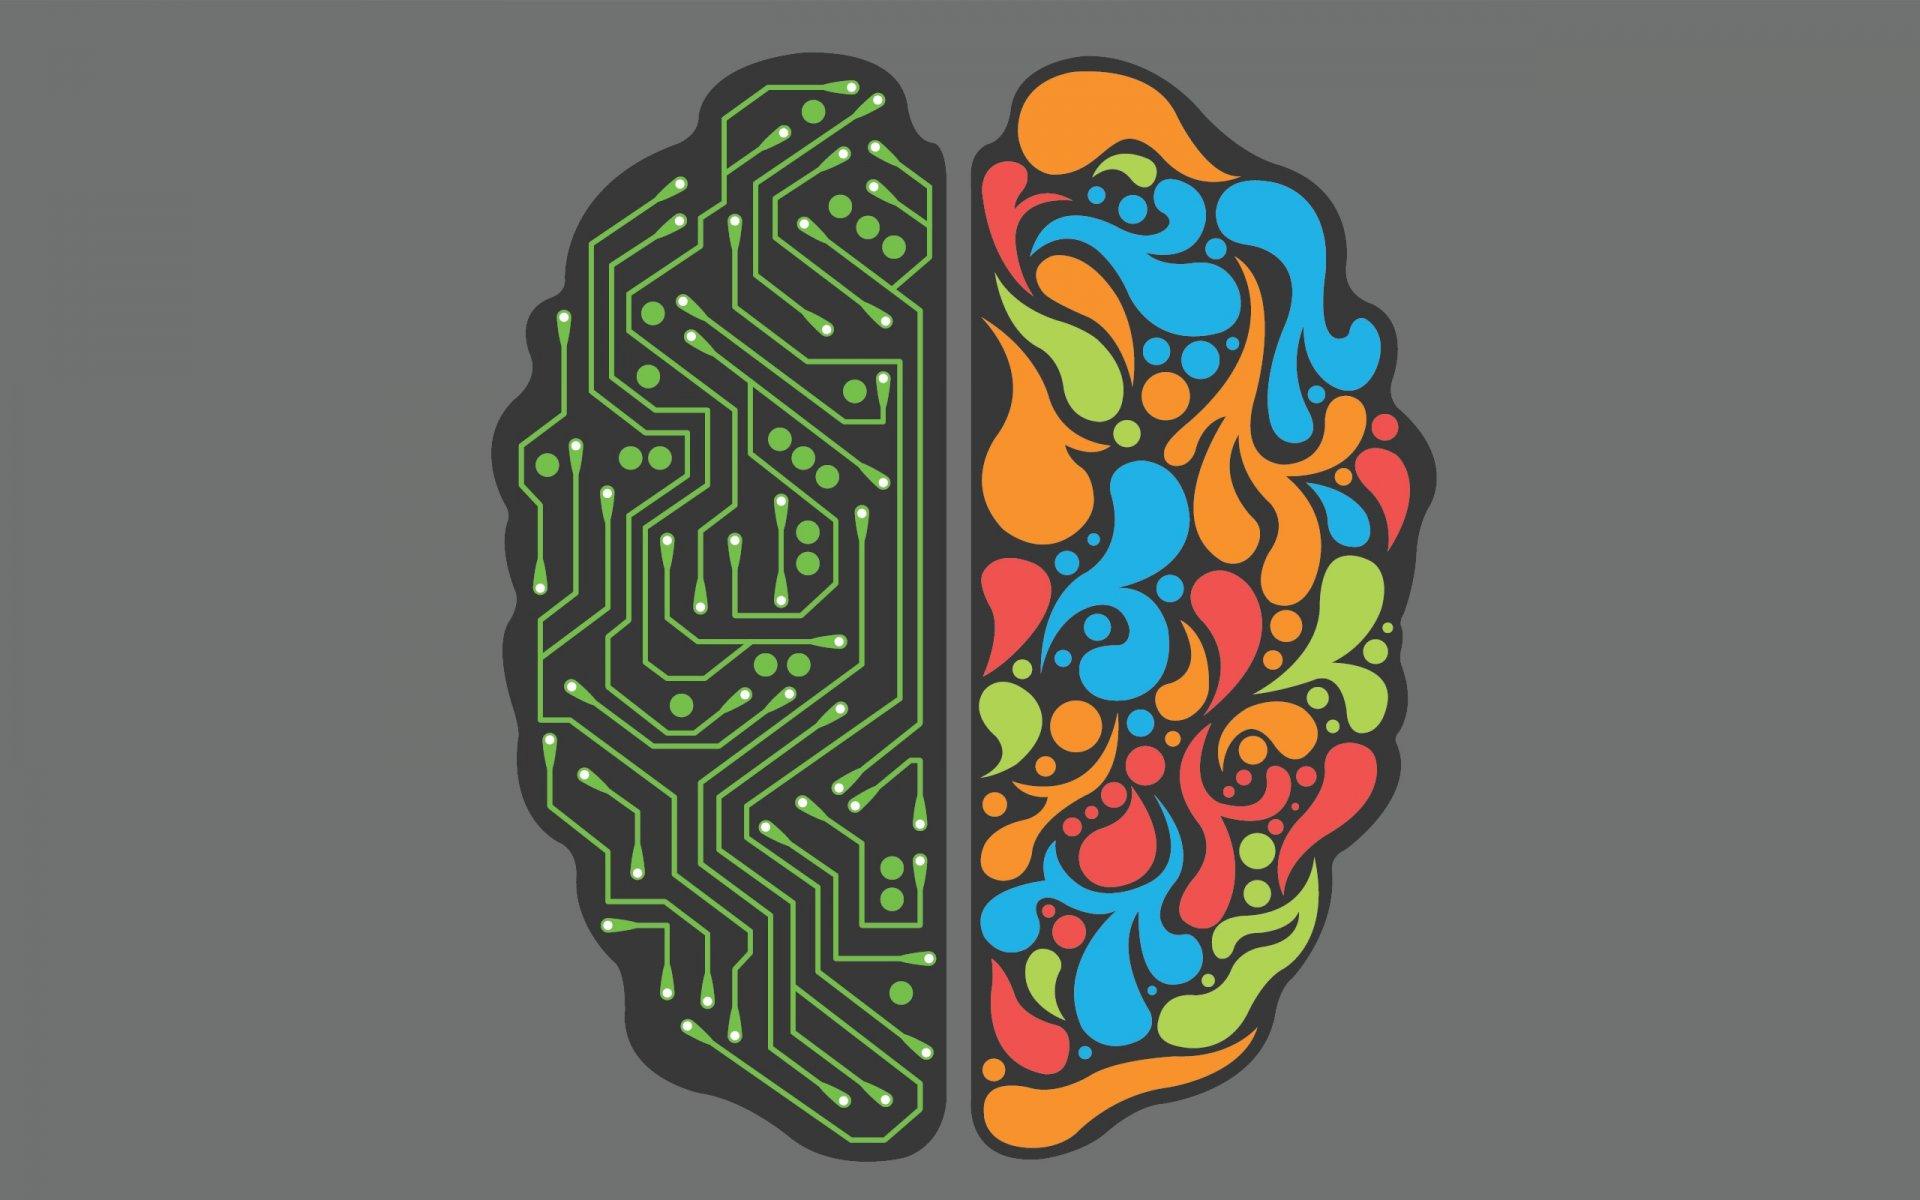 Картинка мозга с надписью мозги, днем рождения драгоценностями